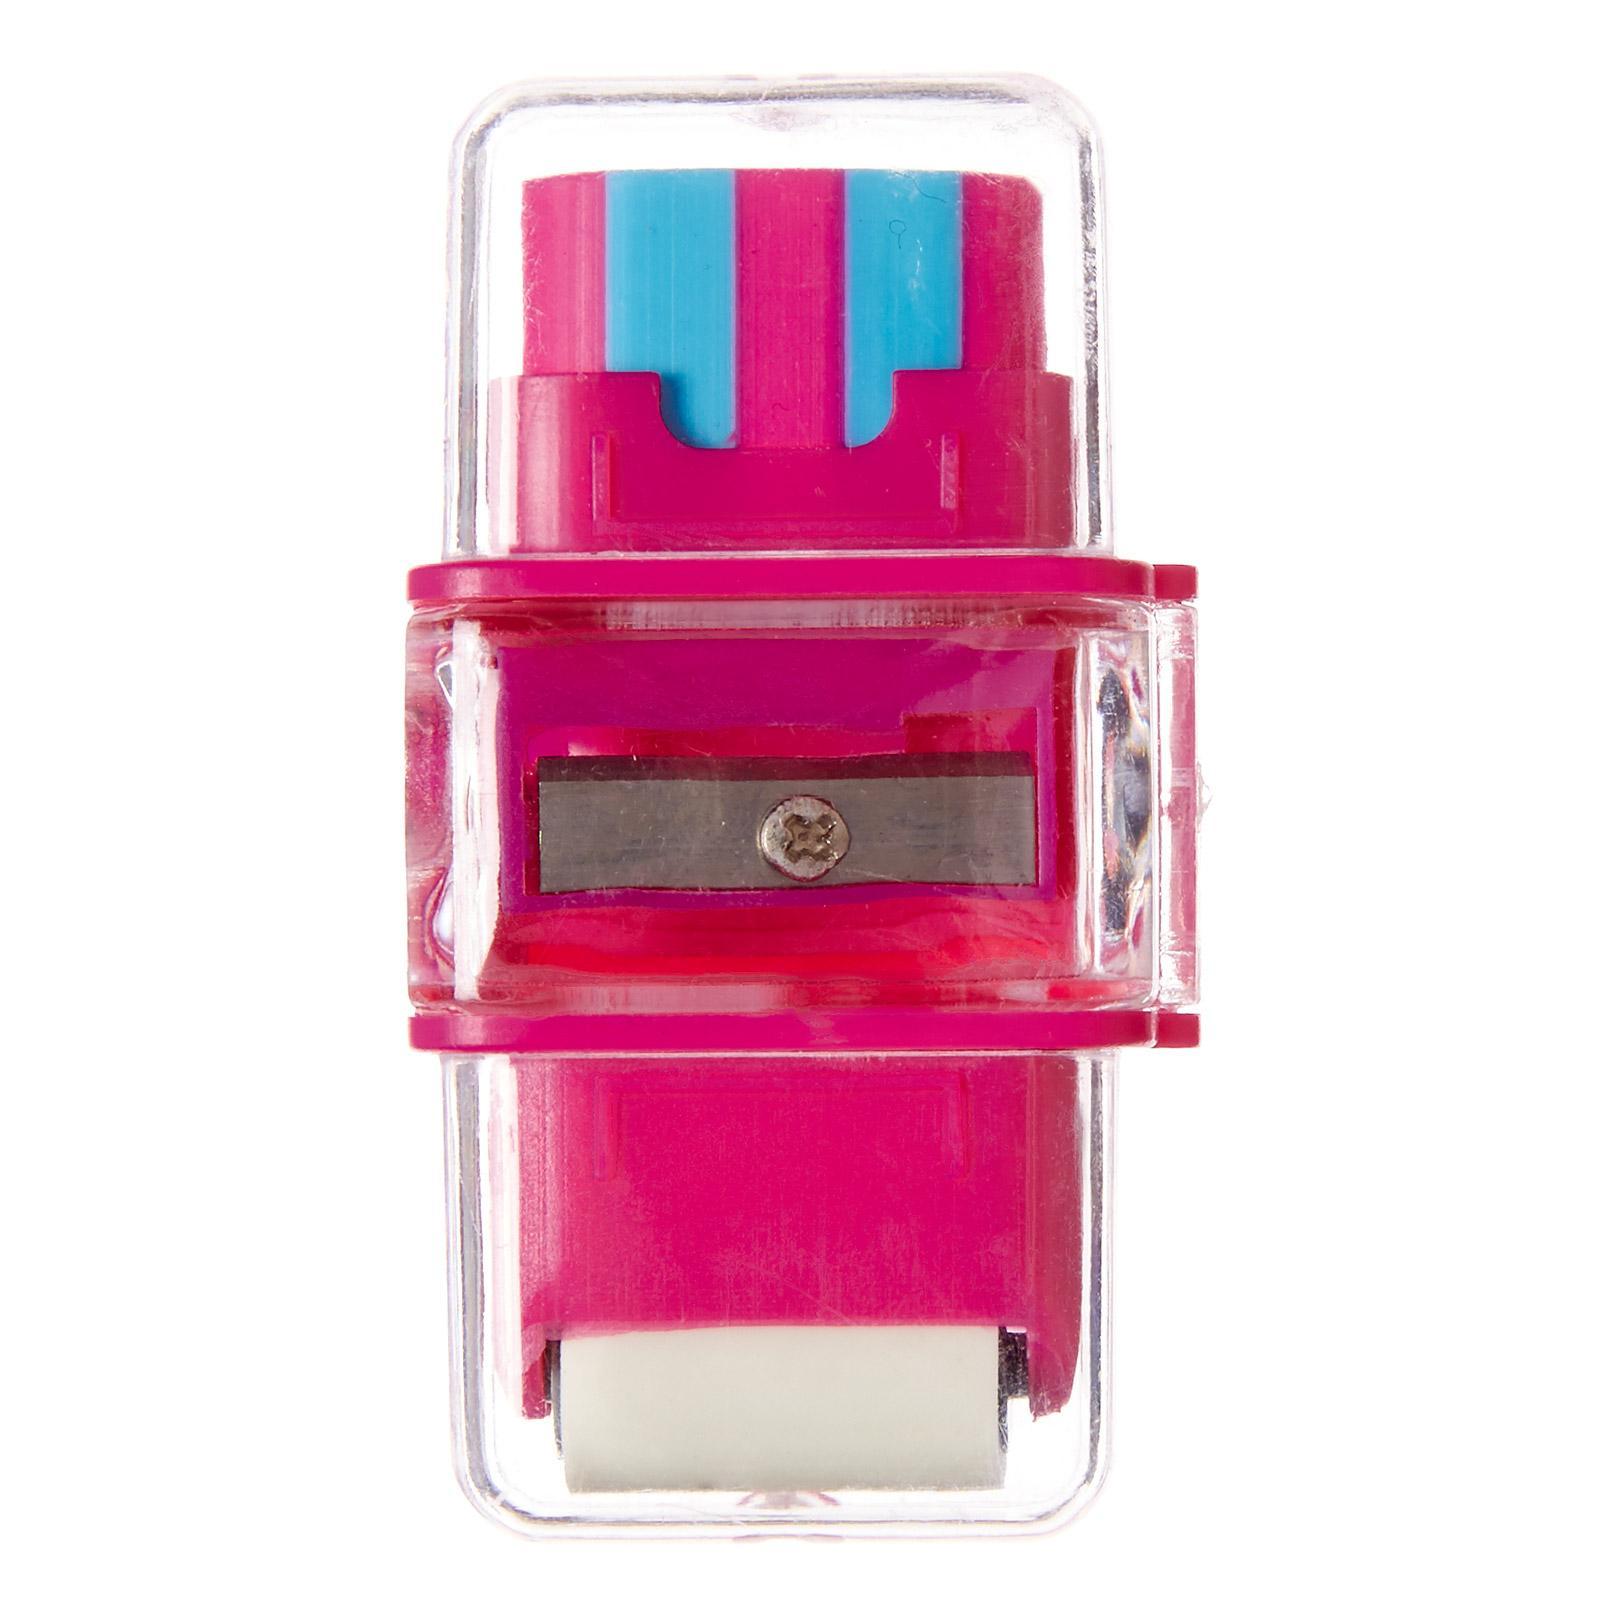 Smiggle Sharpener Eraser Roller